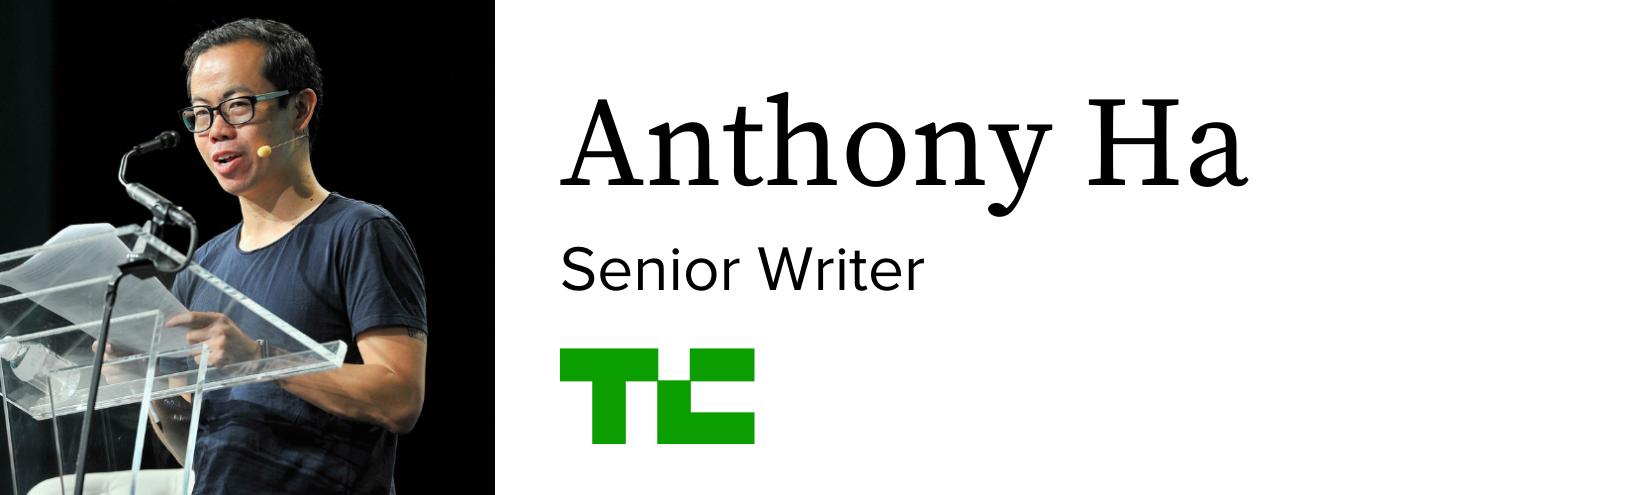 anthony-ha-webinar-speaker